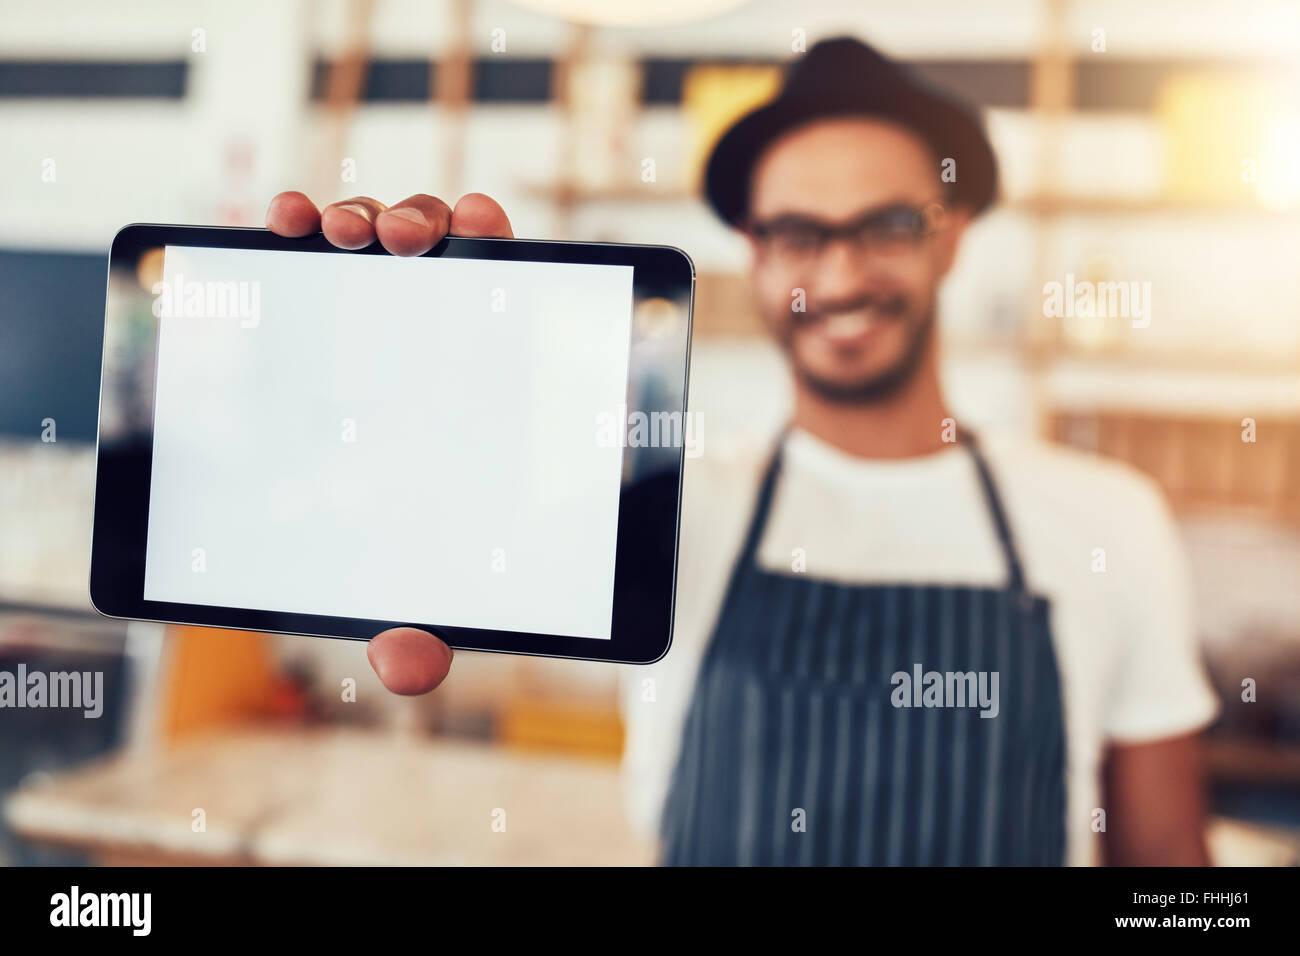 Portrait d'un homme tenant une tablette numérique avec un écran vide. Homme travaillant dans cafe Photo Stock